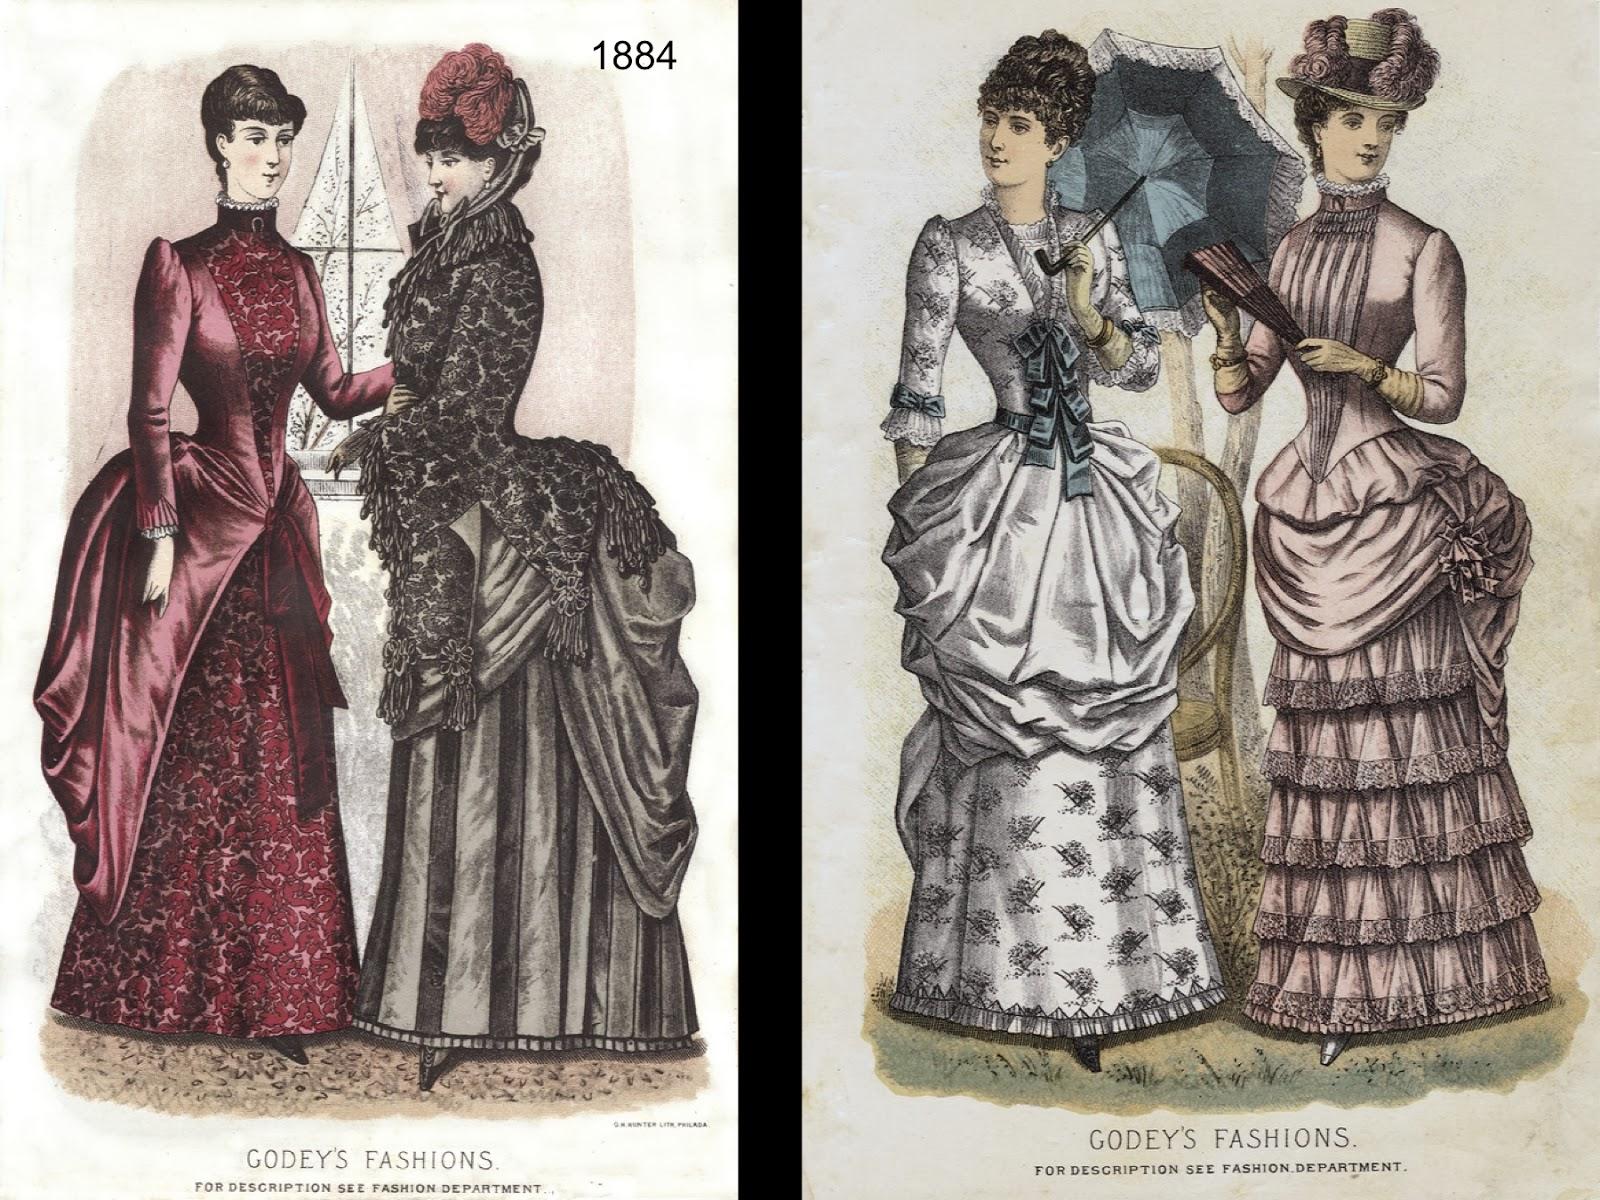 Los romanticos vestian de una manera elegante. Las mujeres se vestian